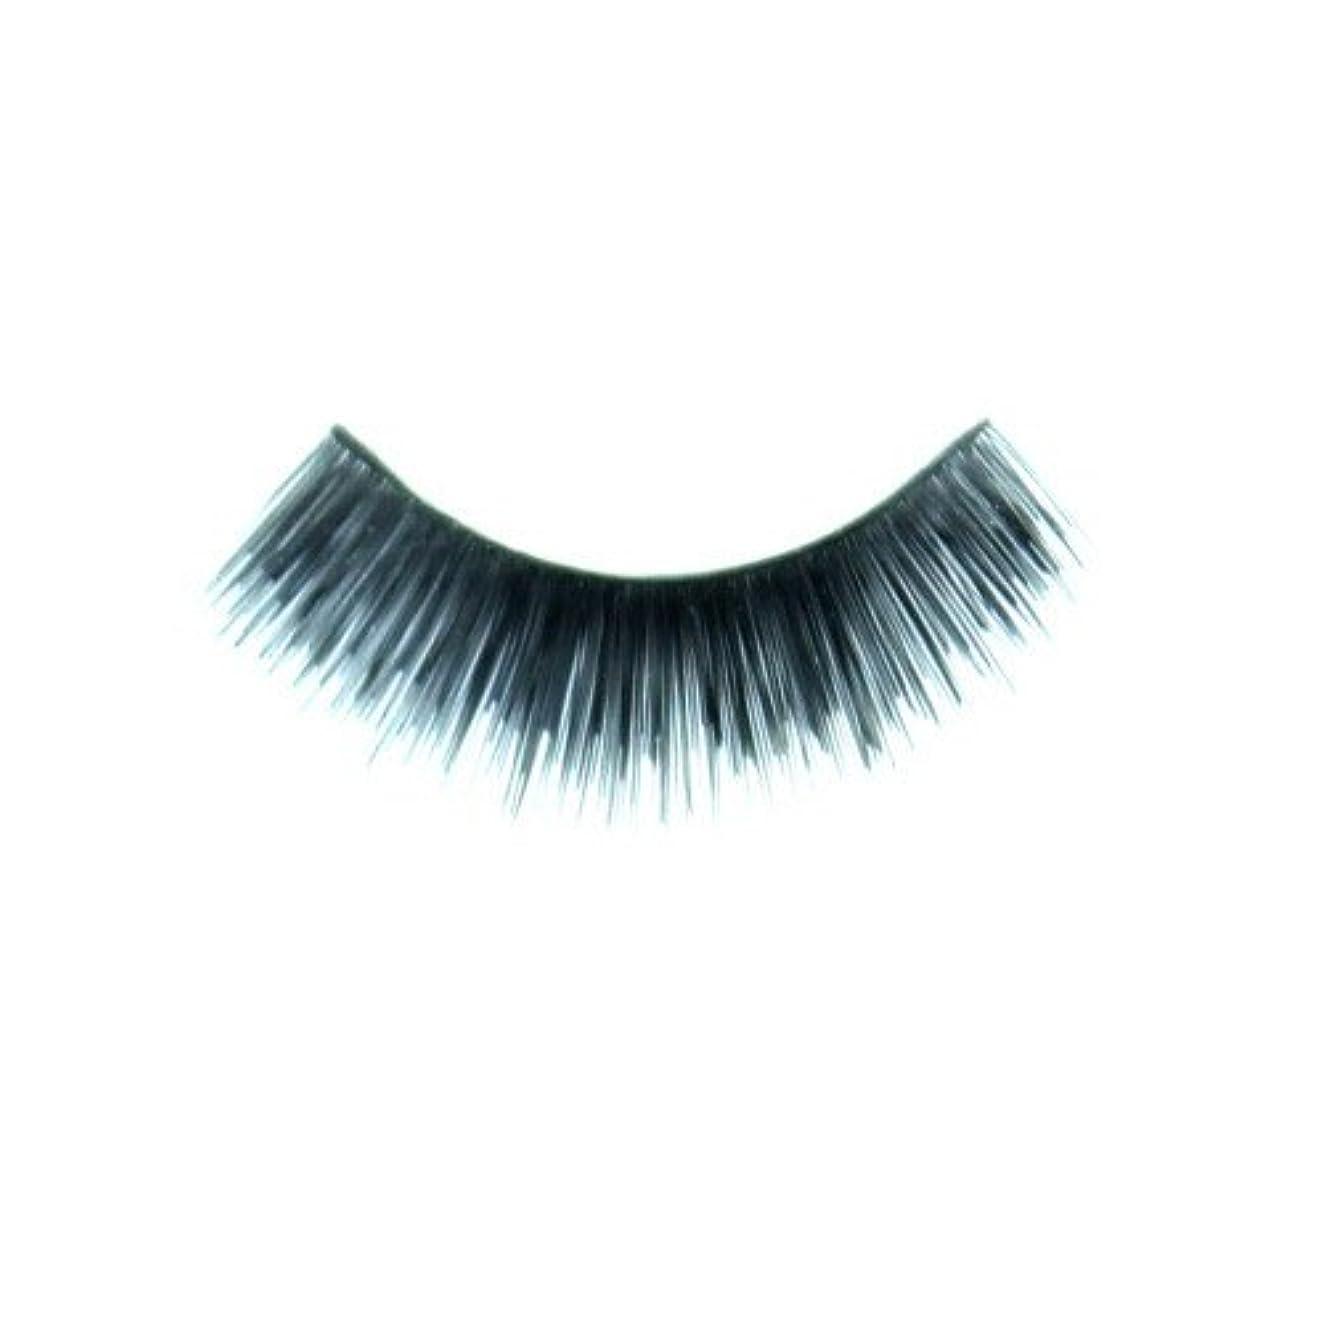 取り壊すナチュラ不利益(3 Pack) CHERRY BLOSSOM False Eyelashes - CBFL009 (並行輸入品)